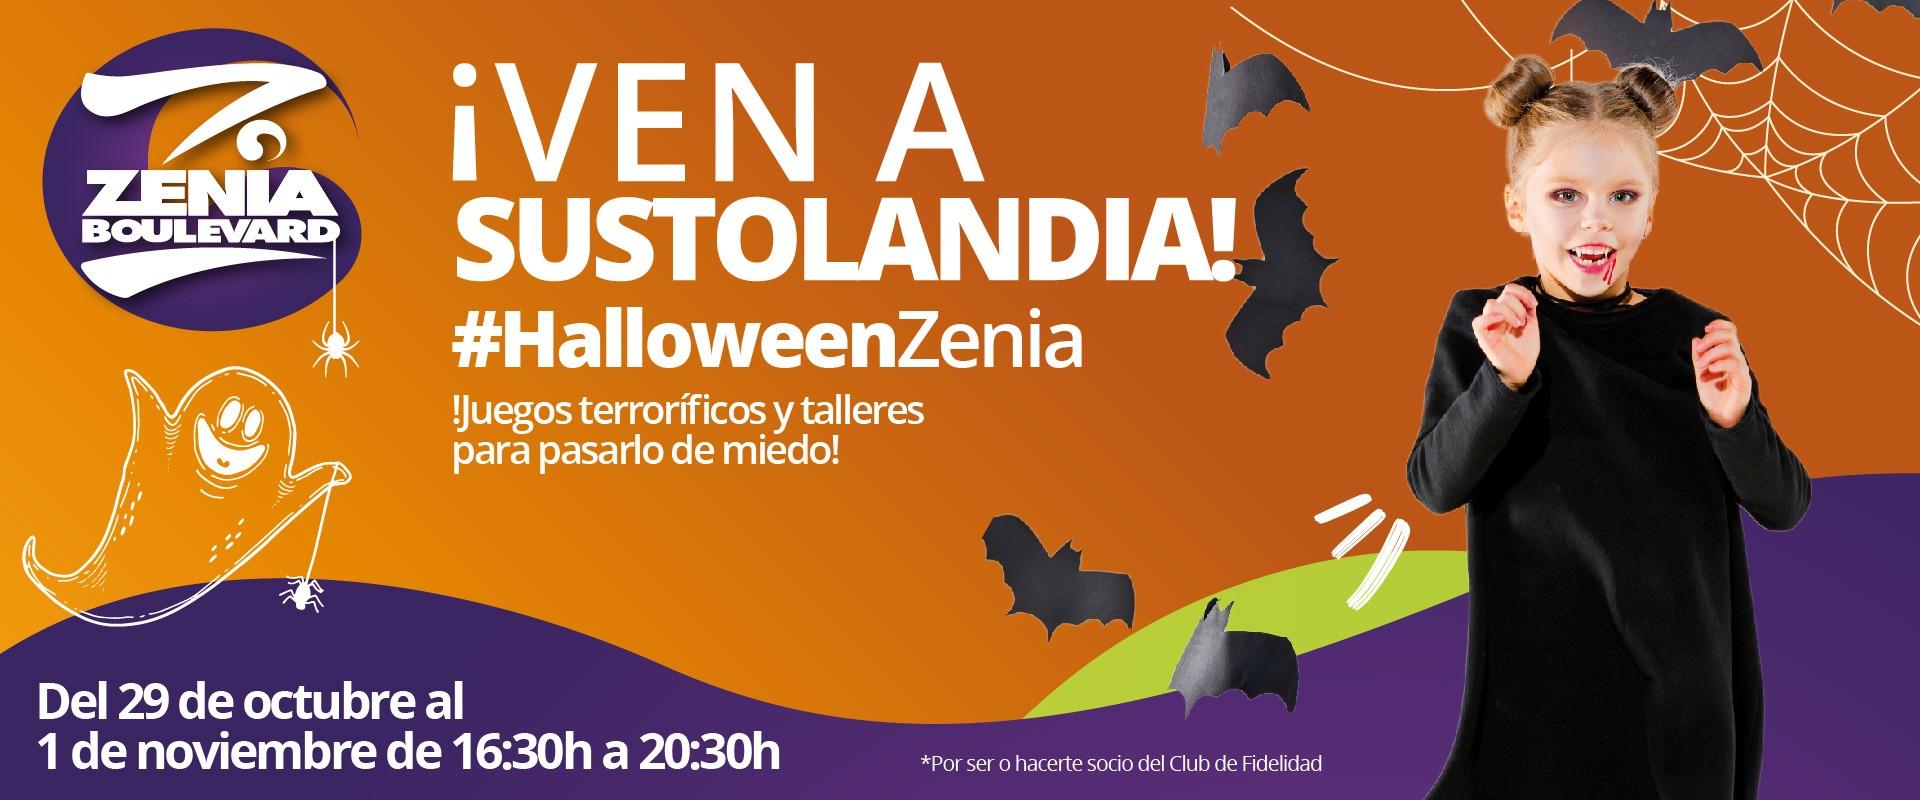 zeniaboulevard.es